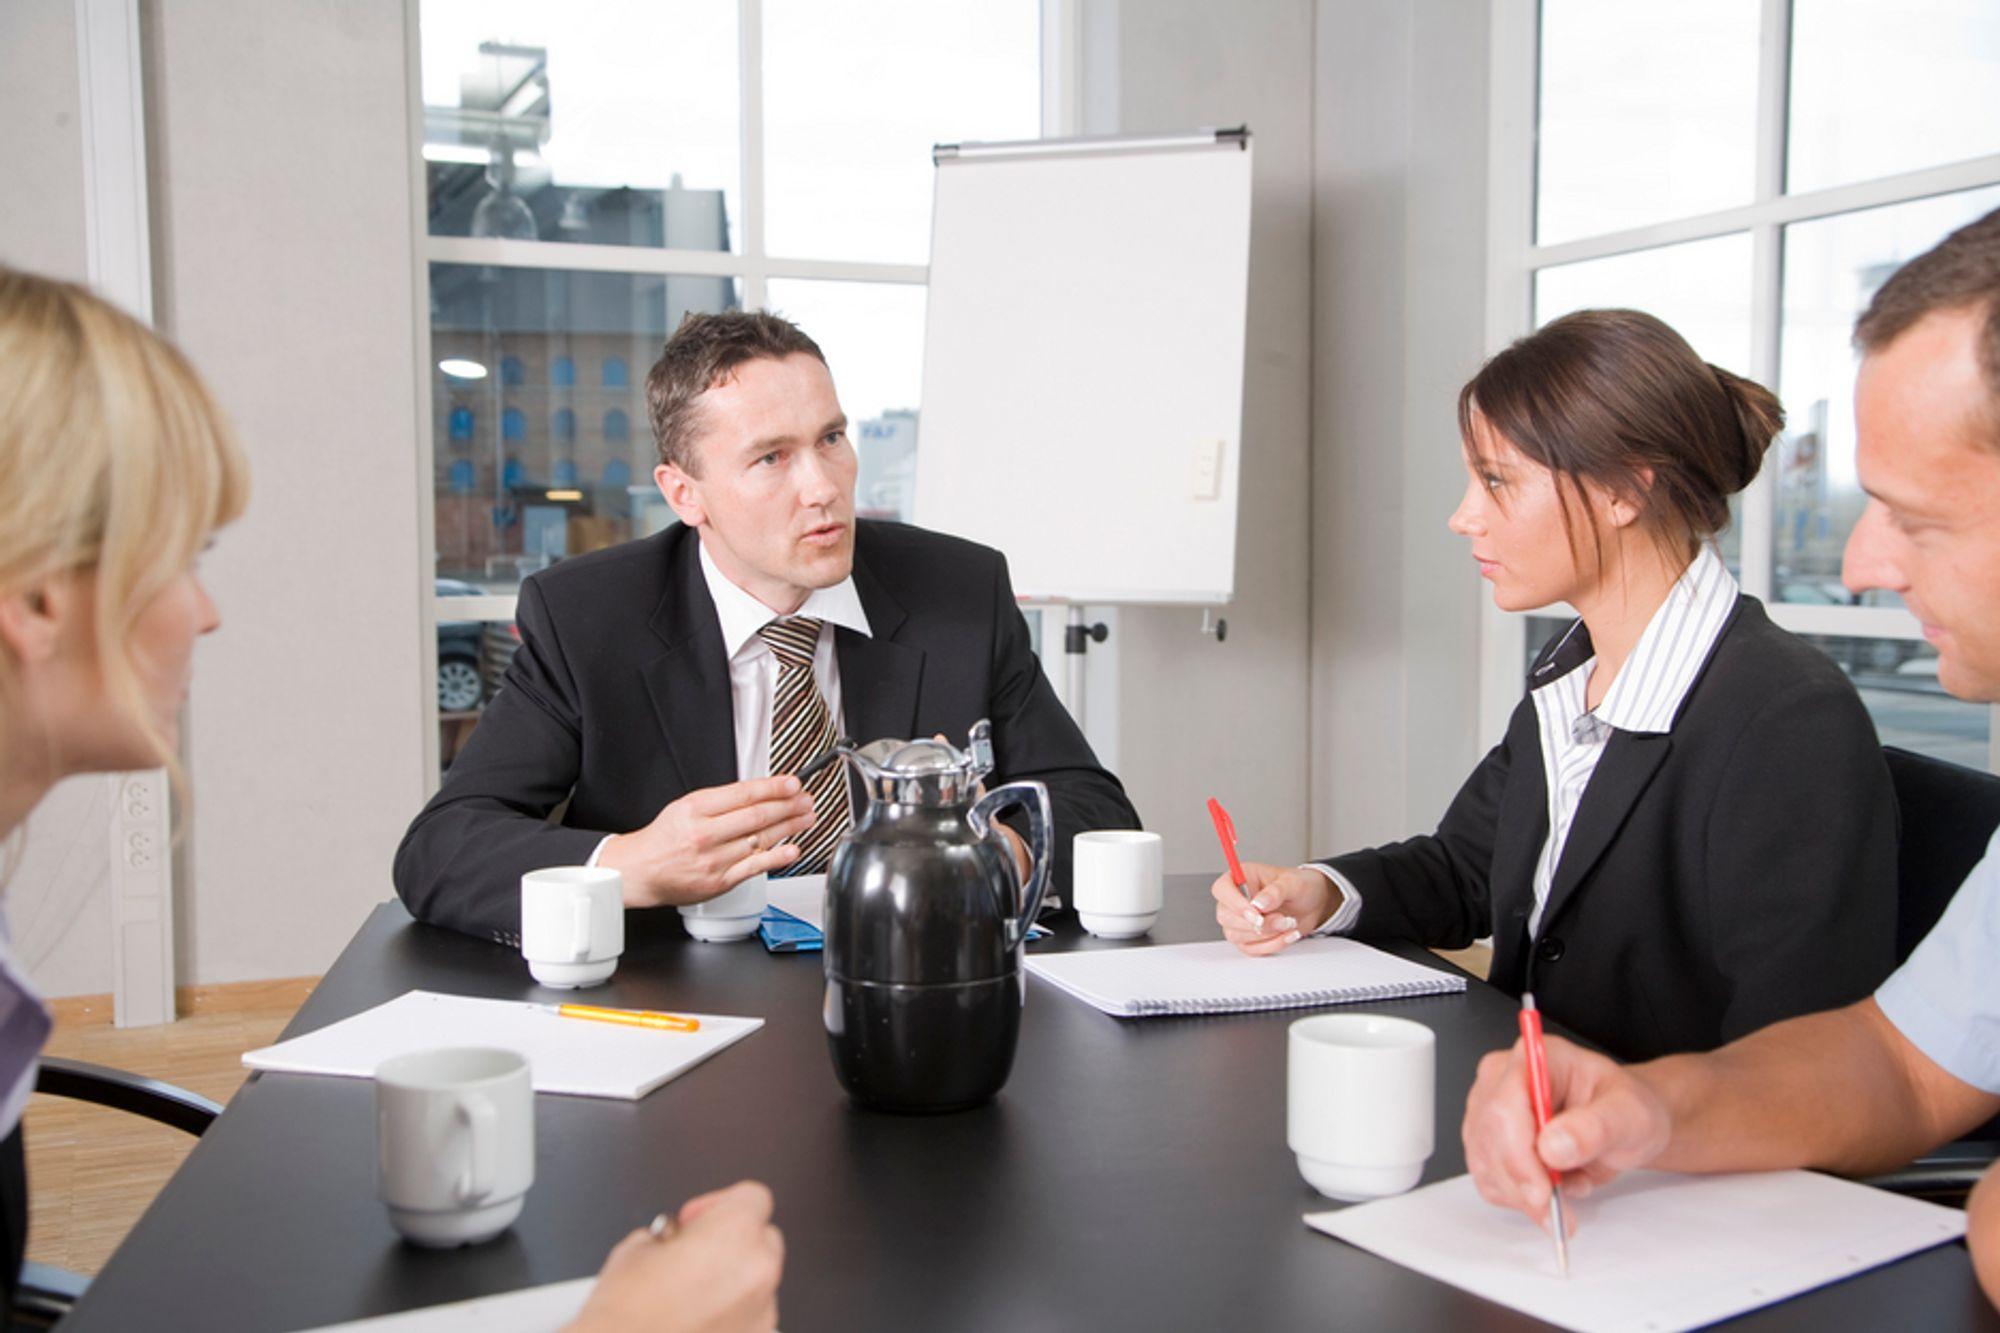 En mannlig leder kan ha oppturer og nedturer uten at det blir lagt merke til, mens kvinnelige ledere må prestere hele tiden, mener Elin Ørjasæter.